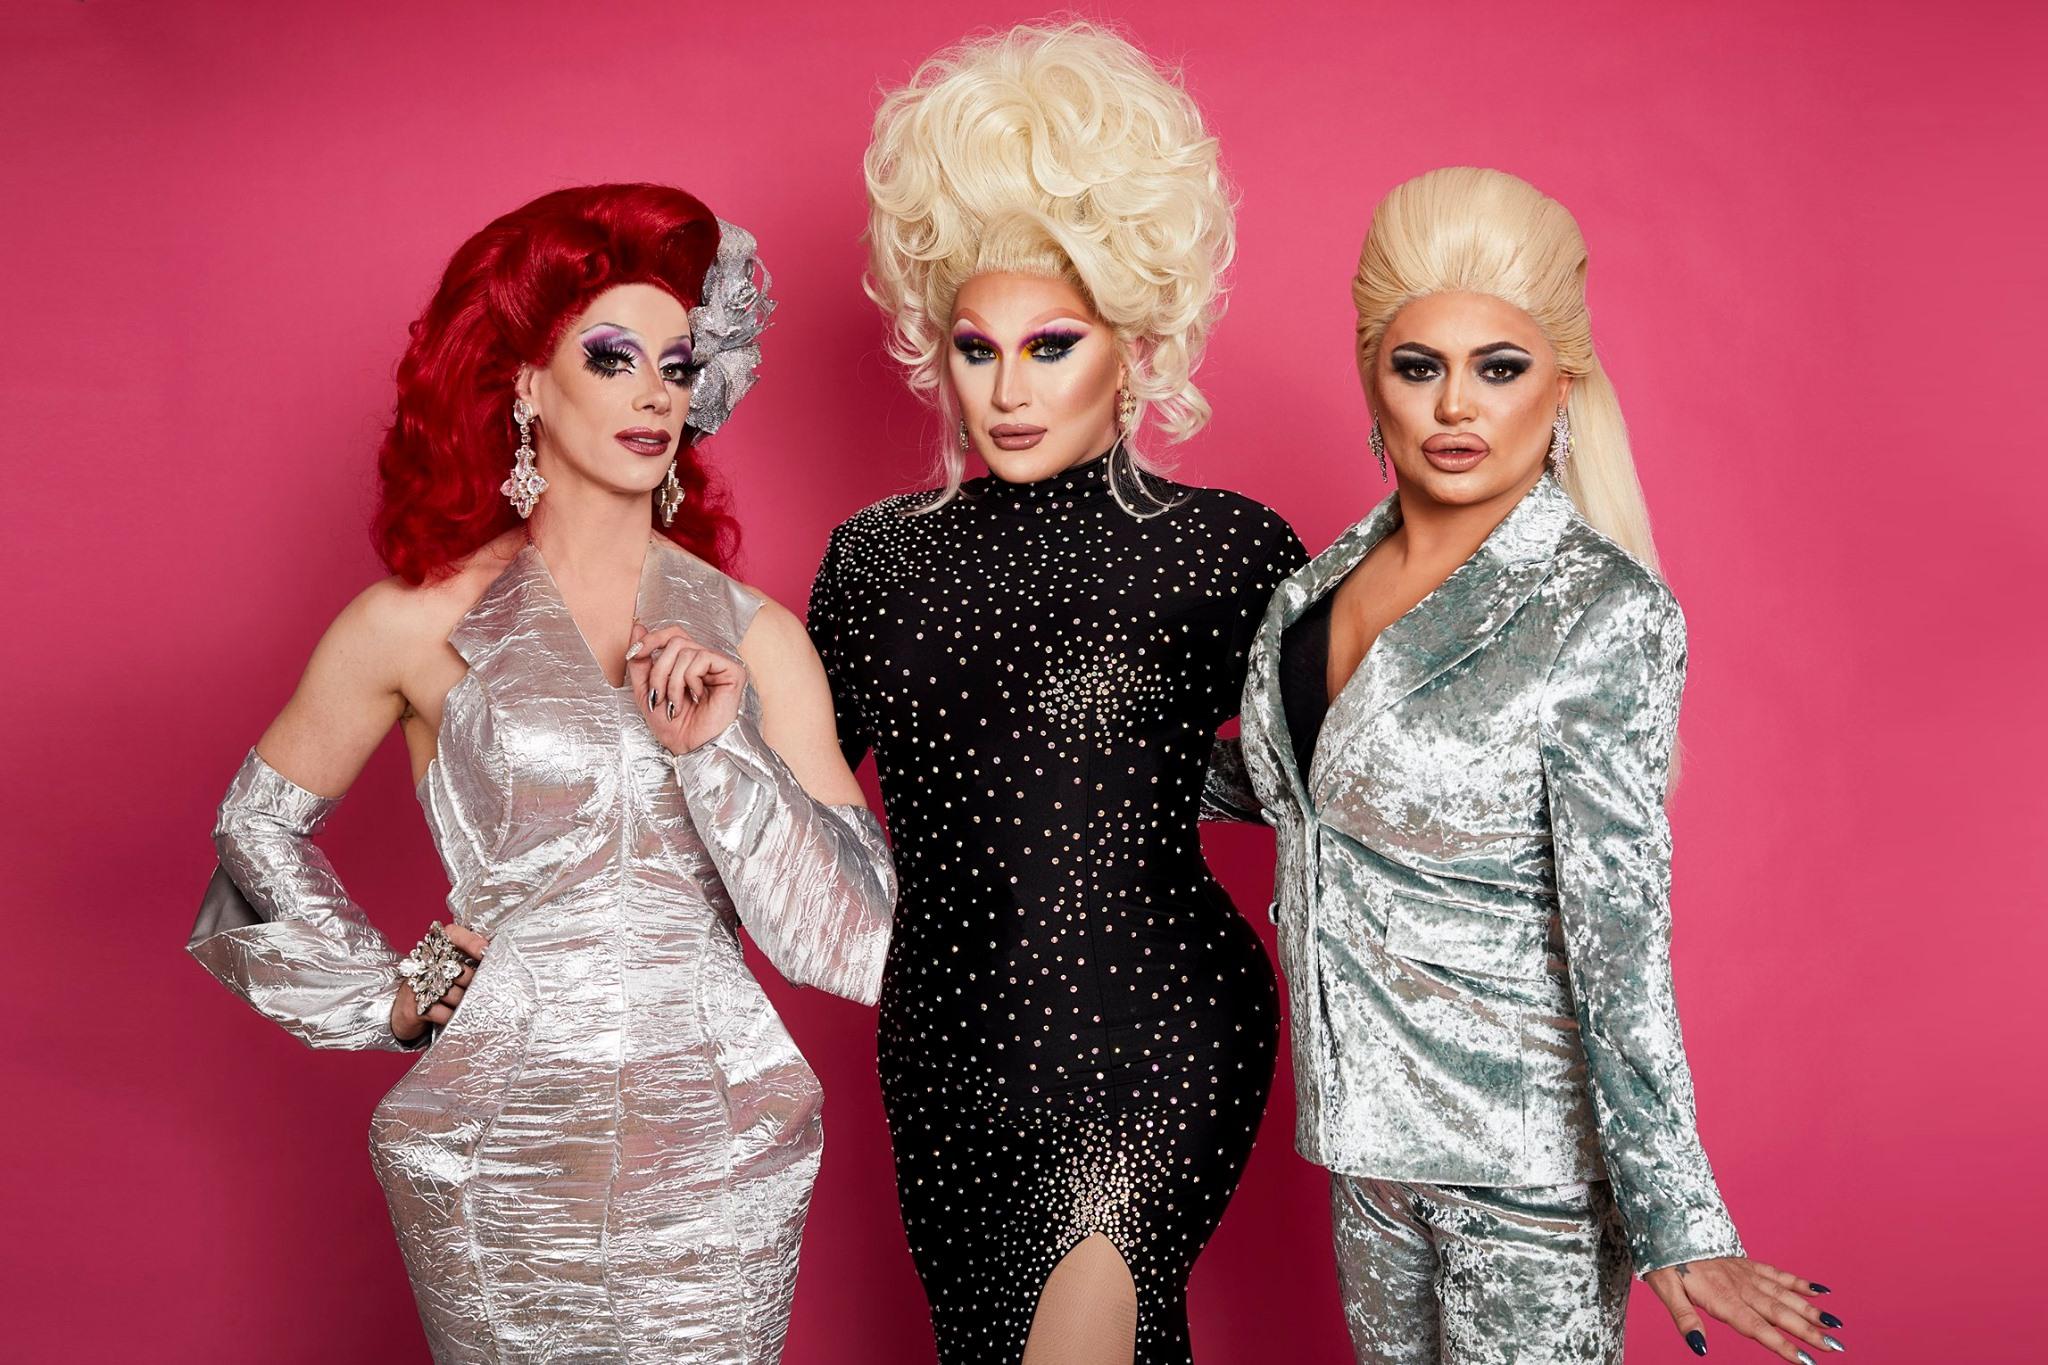 finale queens